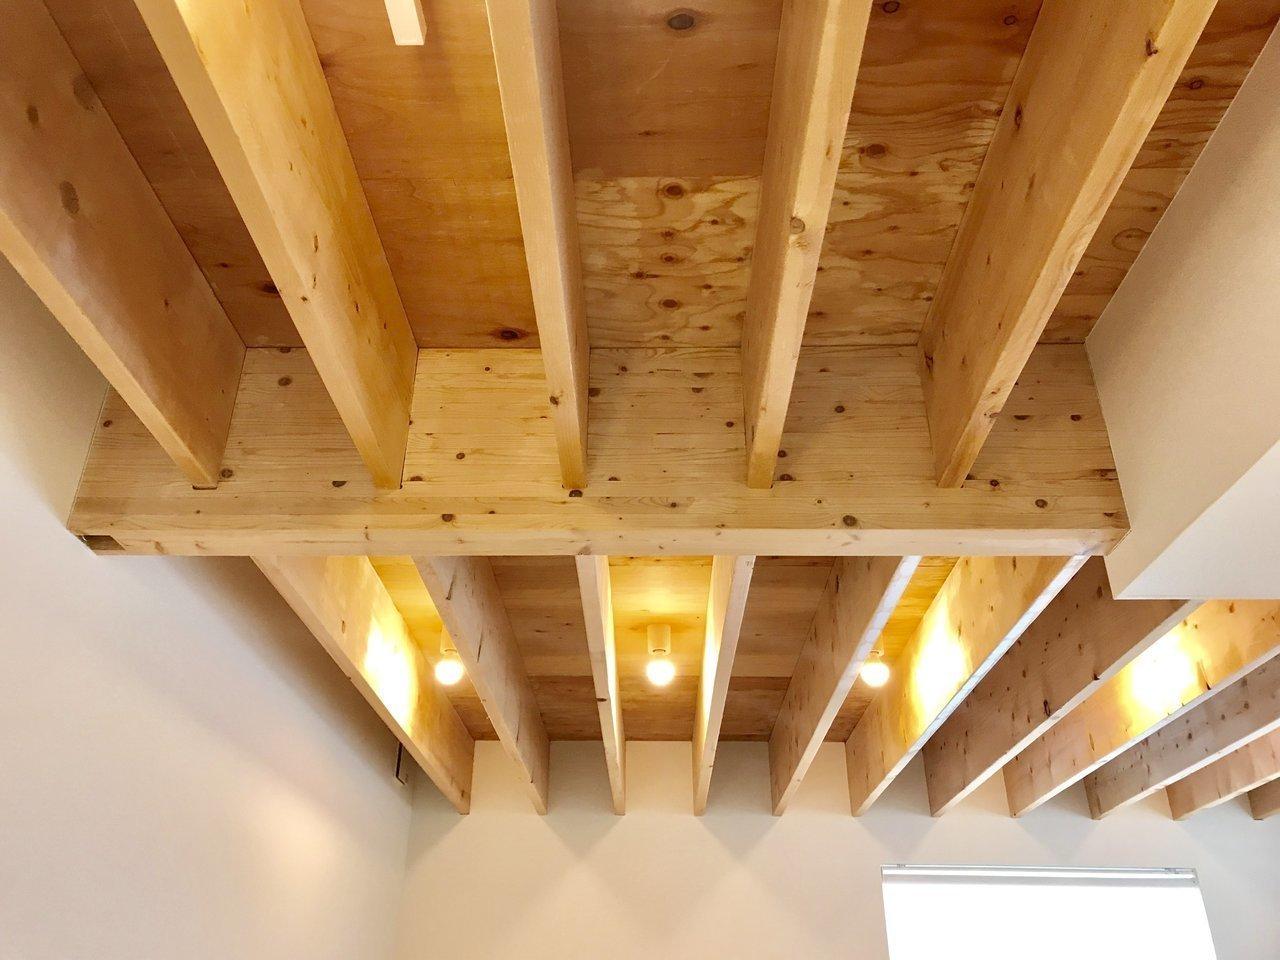 なによりこの、木製ルーバーの天井に圧倒されますね。